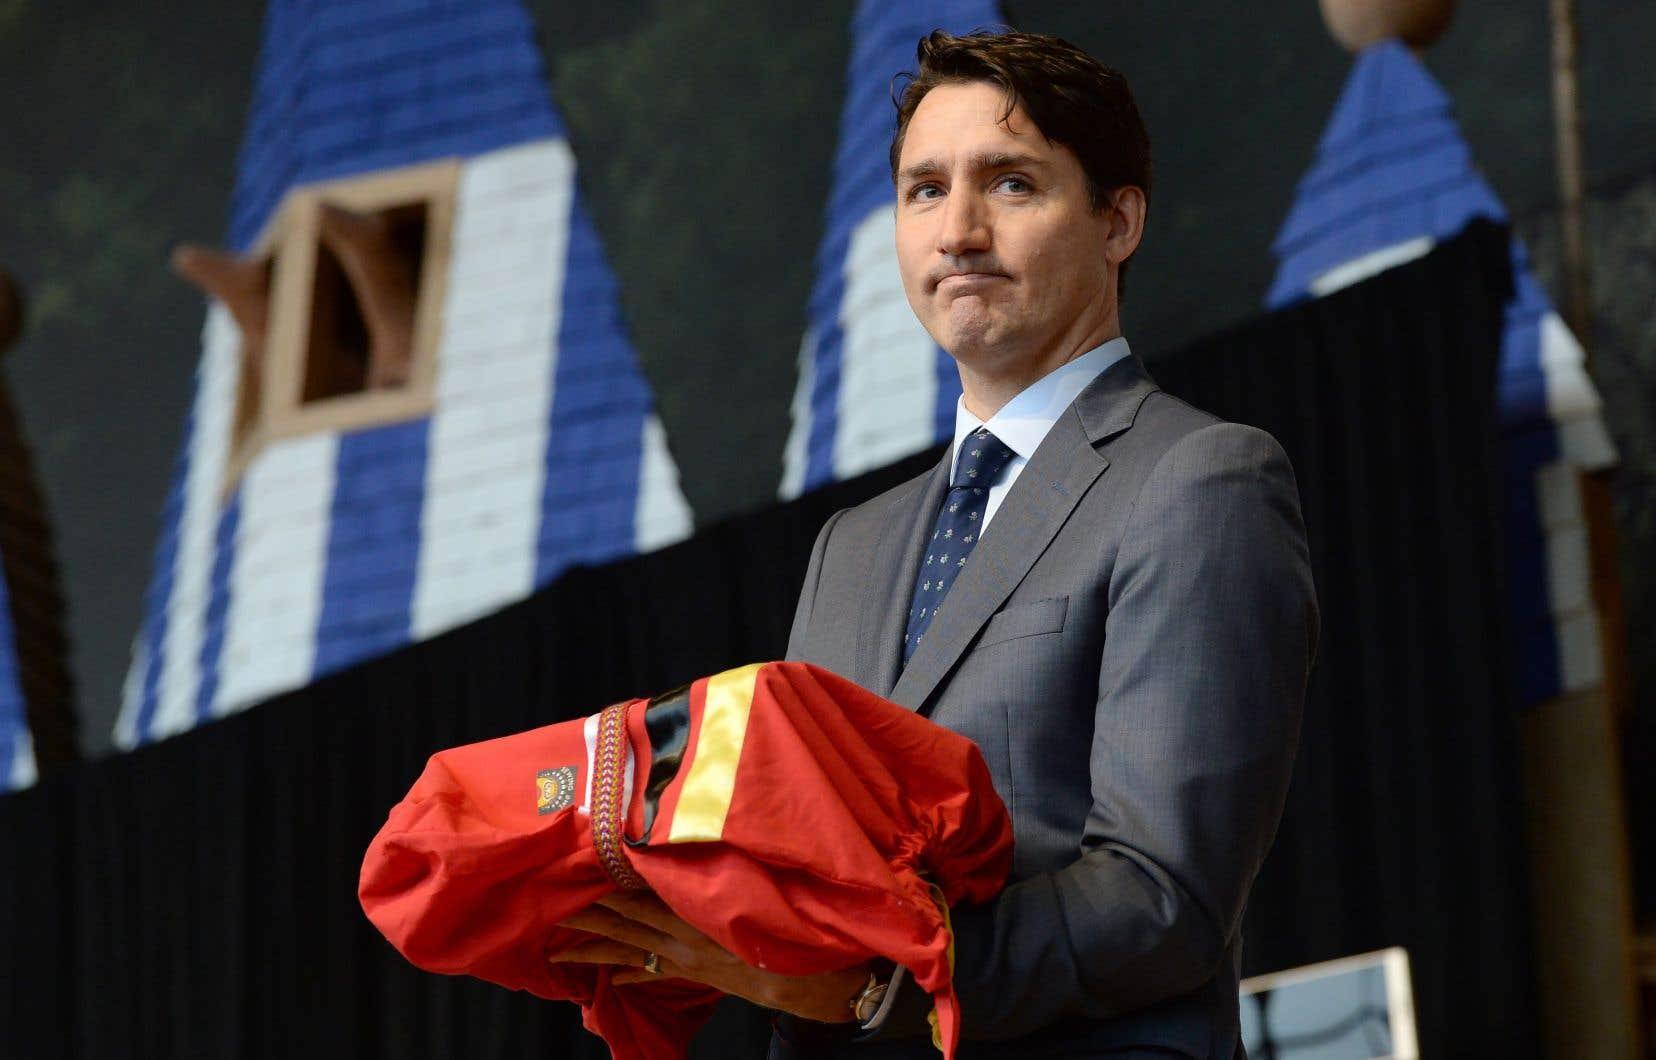 Le rapport dans les mains, le premier ministre Justin Trudeau a promis d'éradiquer «le racisme, le sexisme et les inégalités économiques» qui ont «permis une telle violencecontre les femmes et les filles autochtones».